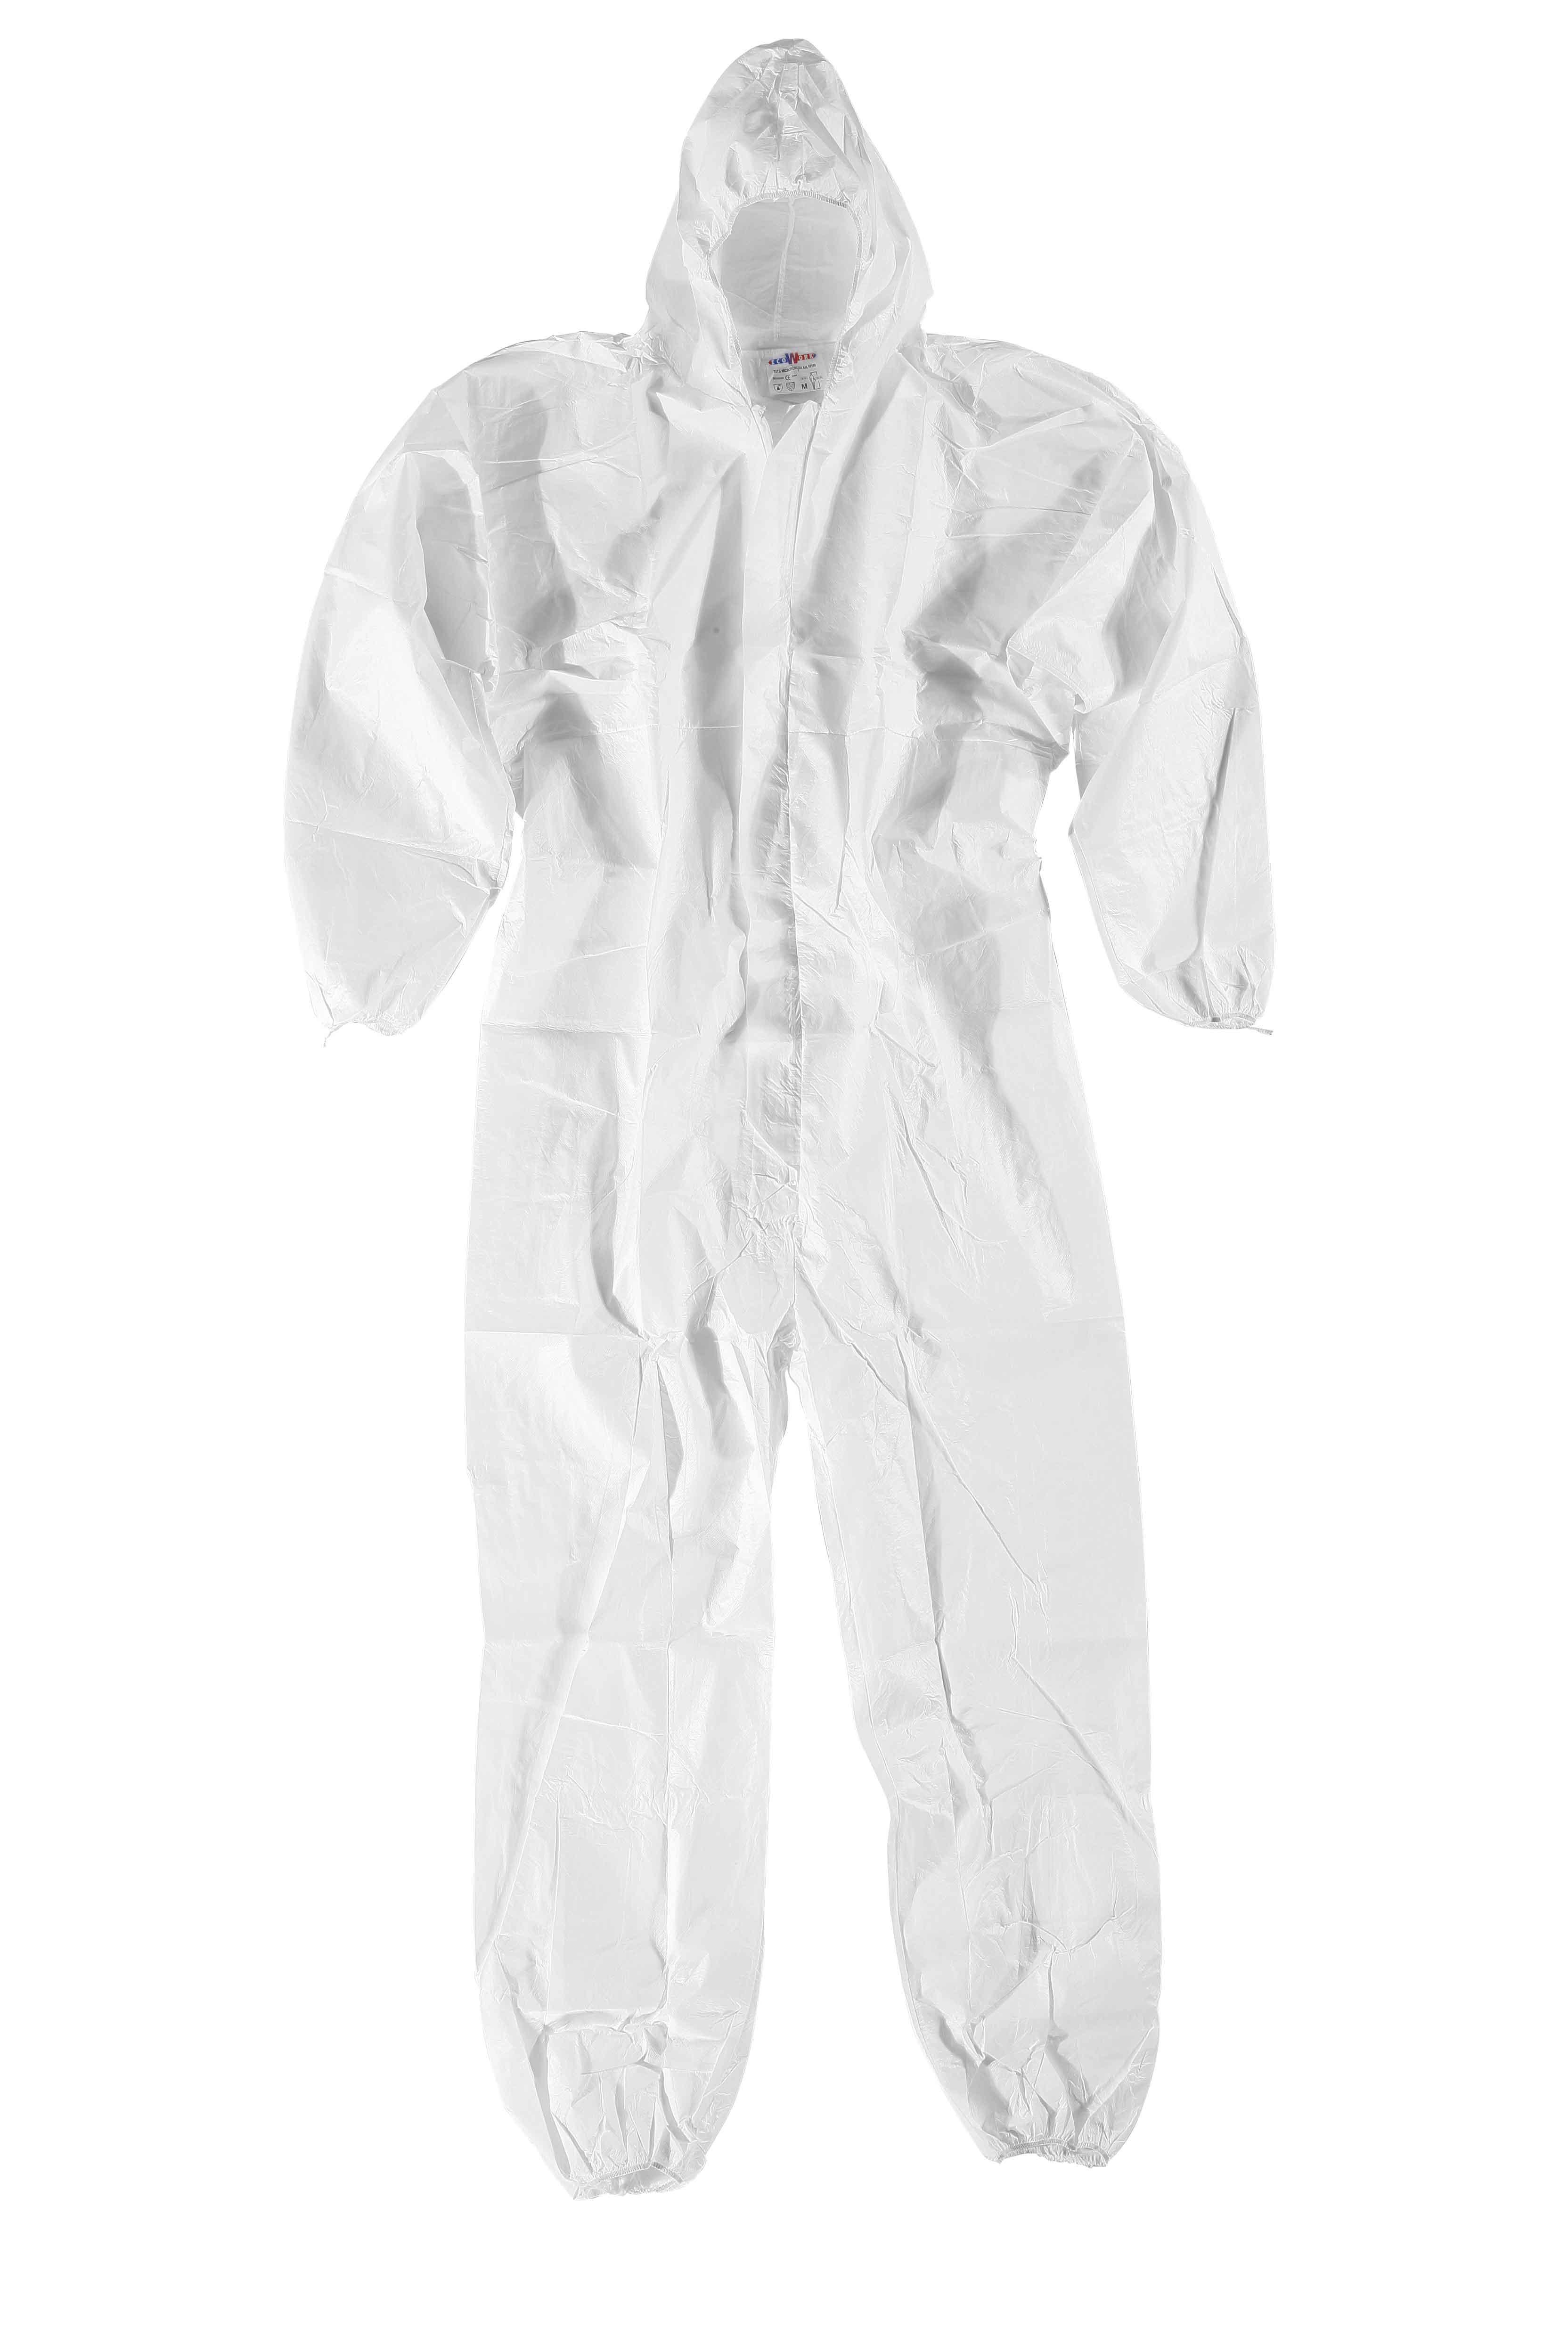 TUTA 3M 4500 Bianco uso generico protezione da liquidi e polveri non pericolose in PP 45g/mq _ TG M